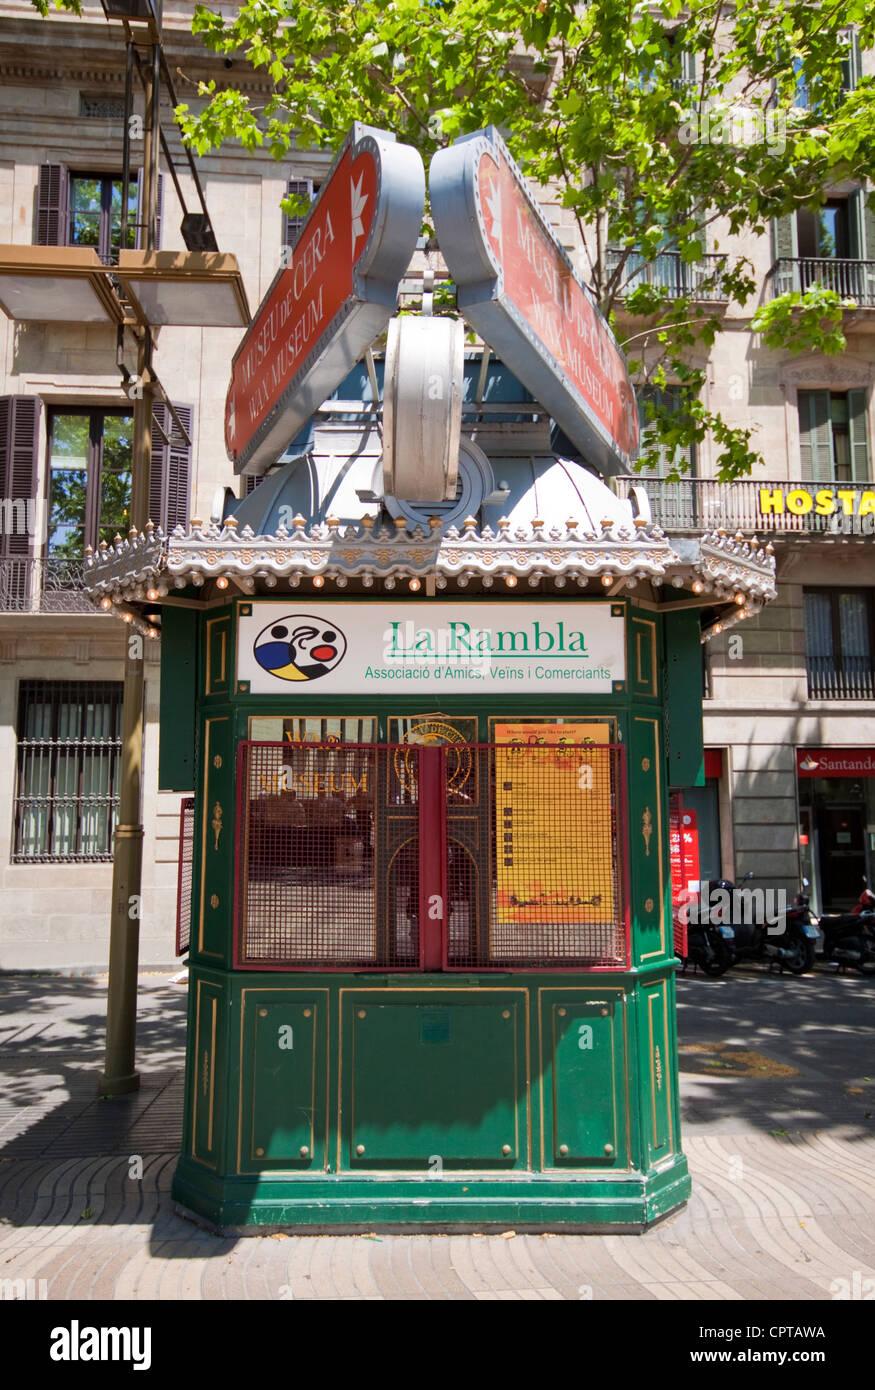 Kiosk in Las Ramblas Barcelona - Stock Image